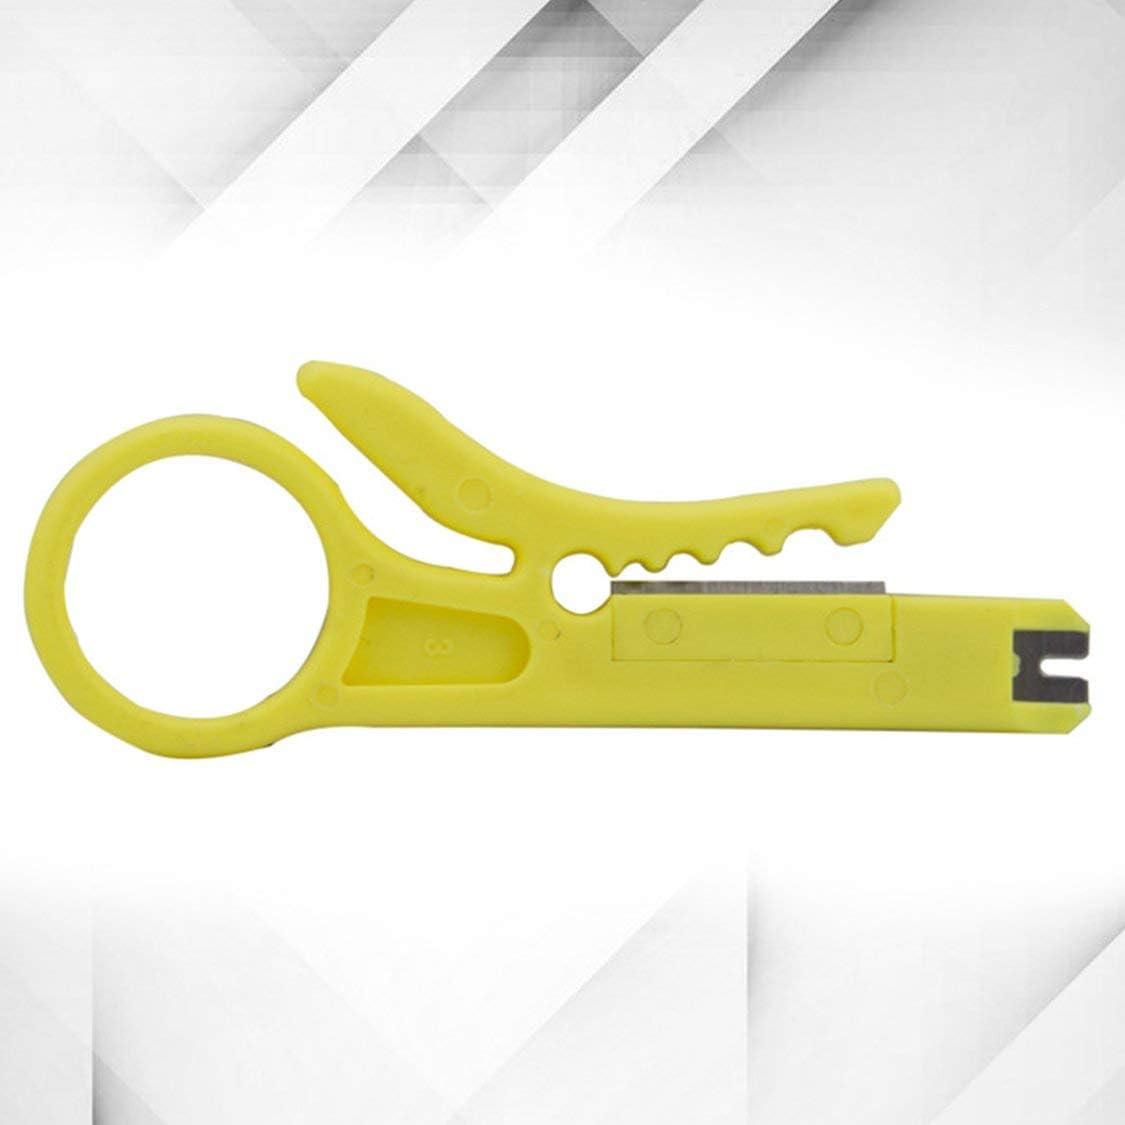 Outil de sertissage automatique Pince /à d/énuder Pince /à couper les fils Outil de sertissage Outil de sertissage